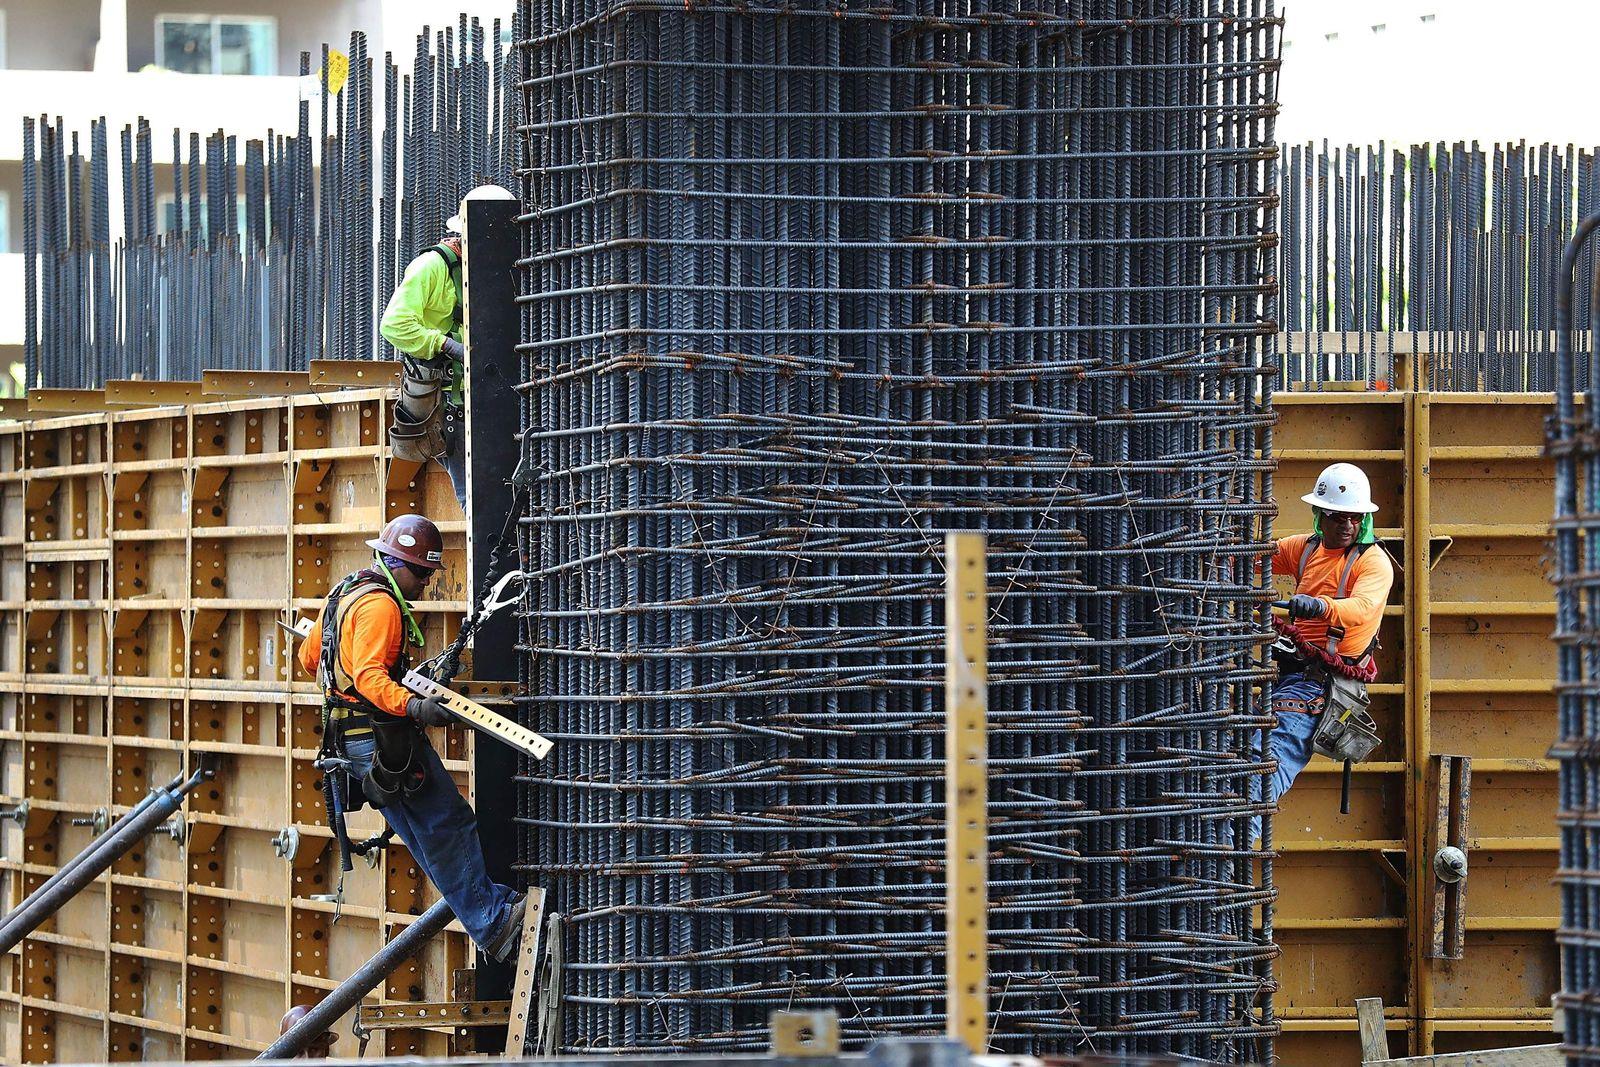 USA / Konjunktur / Wirtschaft / Bauarbeiter / Baustelle / Arbeutslosigkeit